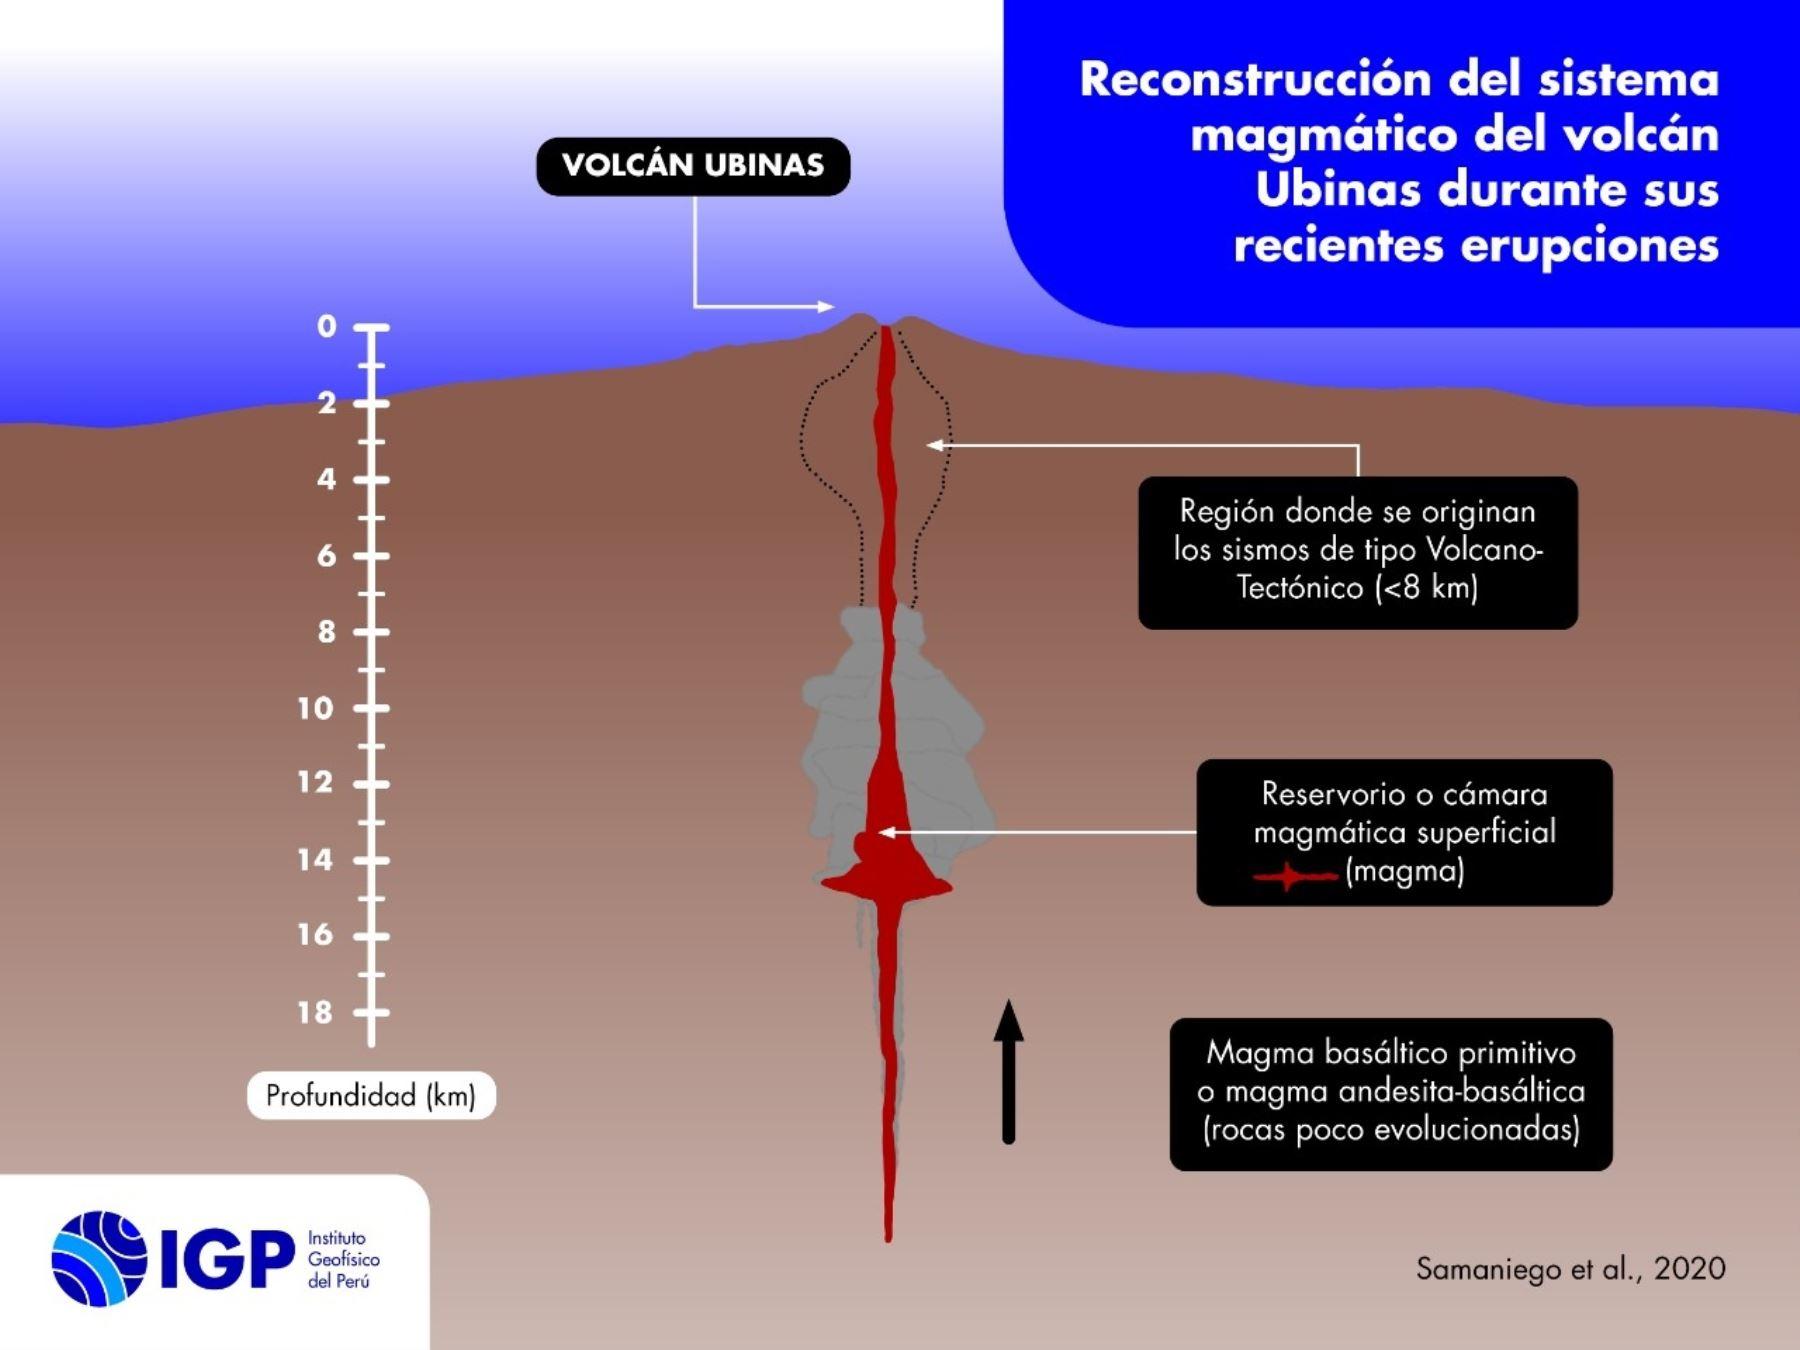 Entre 8 a 15 km de profundidad se ubica la cámara magmática del volcán Ubinas, uno de los más activos del Perú, revela investigación realizada por científicos peruanos y franceses. Foto/Ilustración: IGP